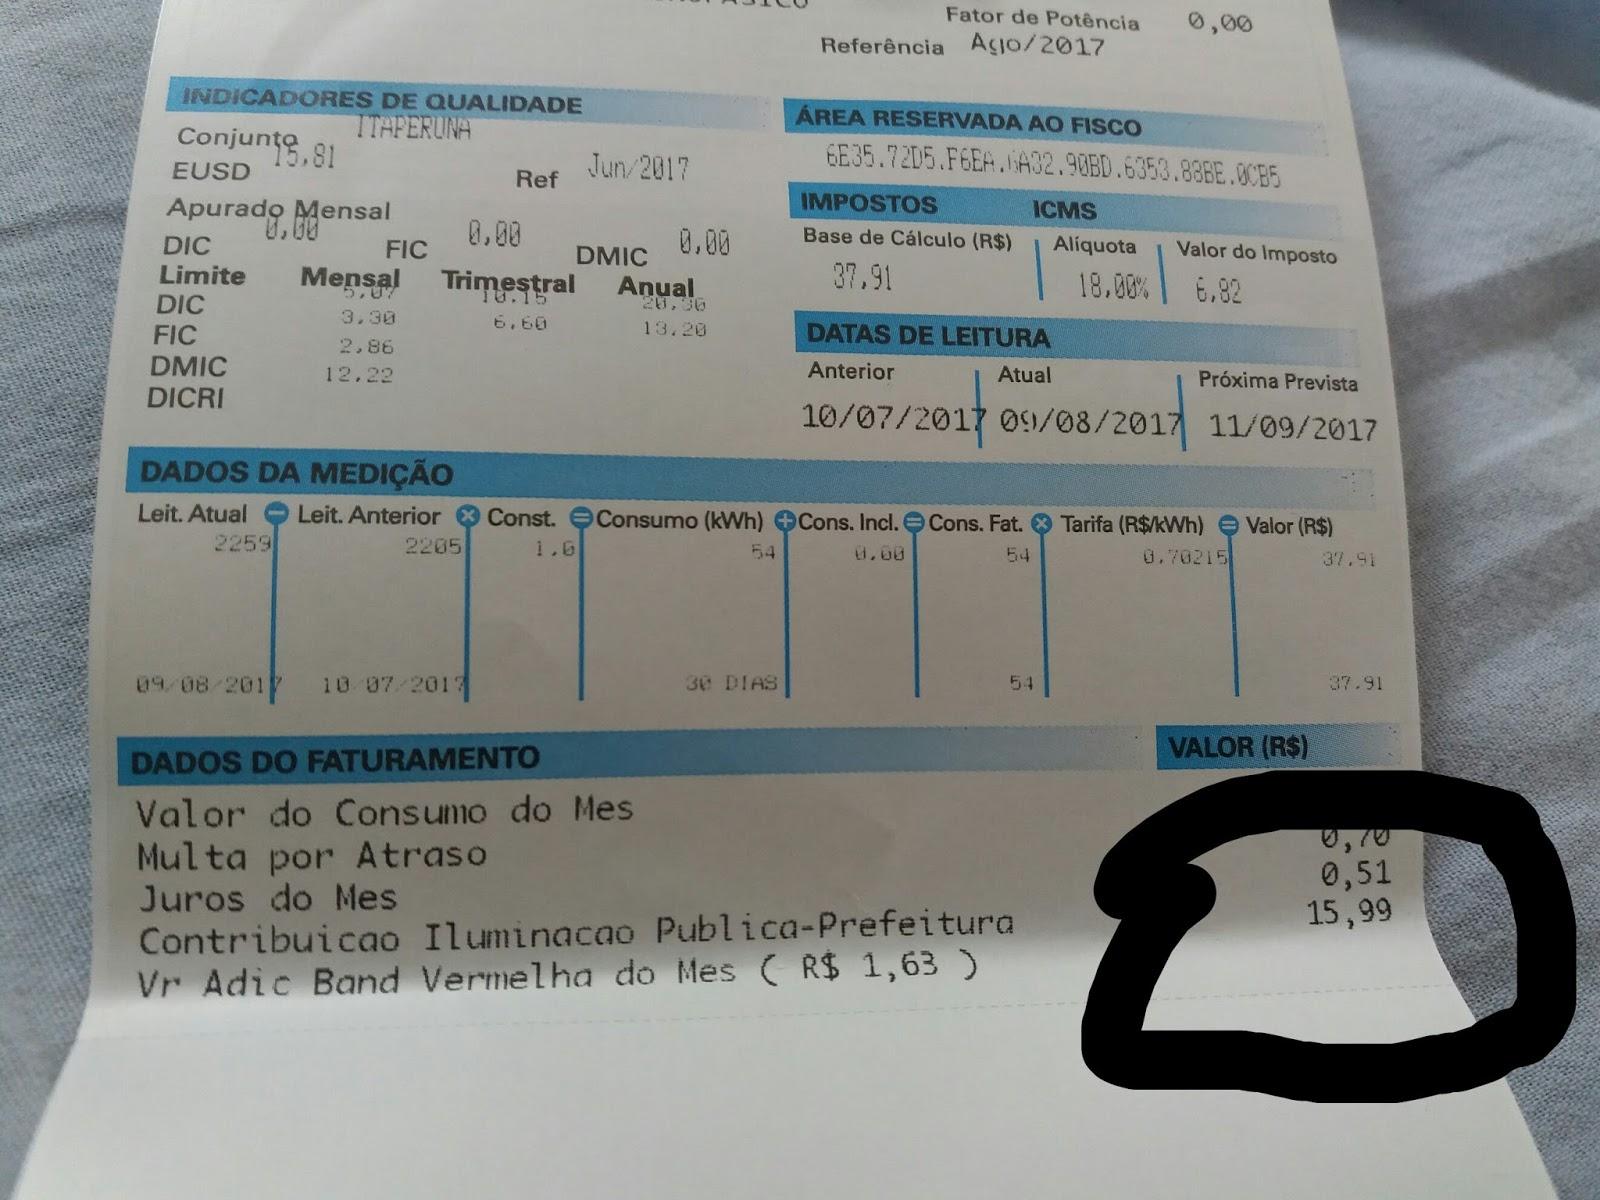 f47b7c3a258 TAXA DE ILUMINAÇÃO PÚBLICA COBRADA NA CONTA DE LUZ